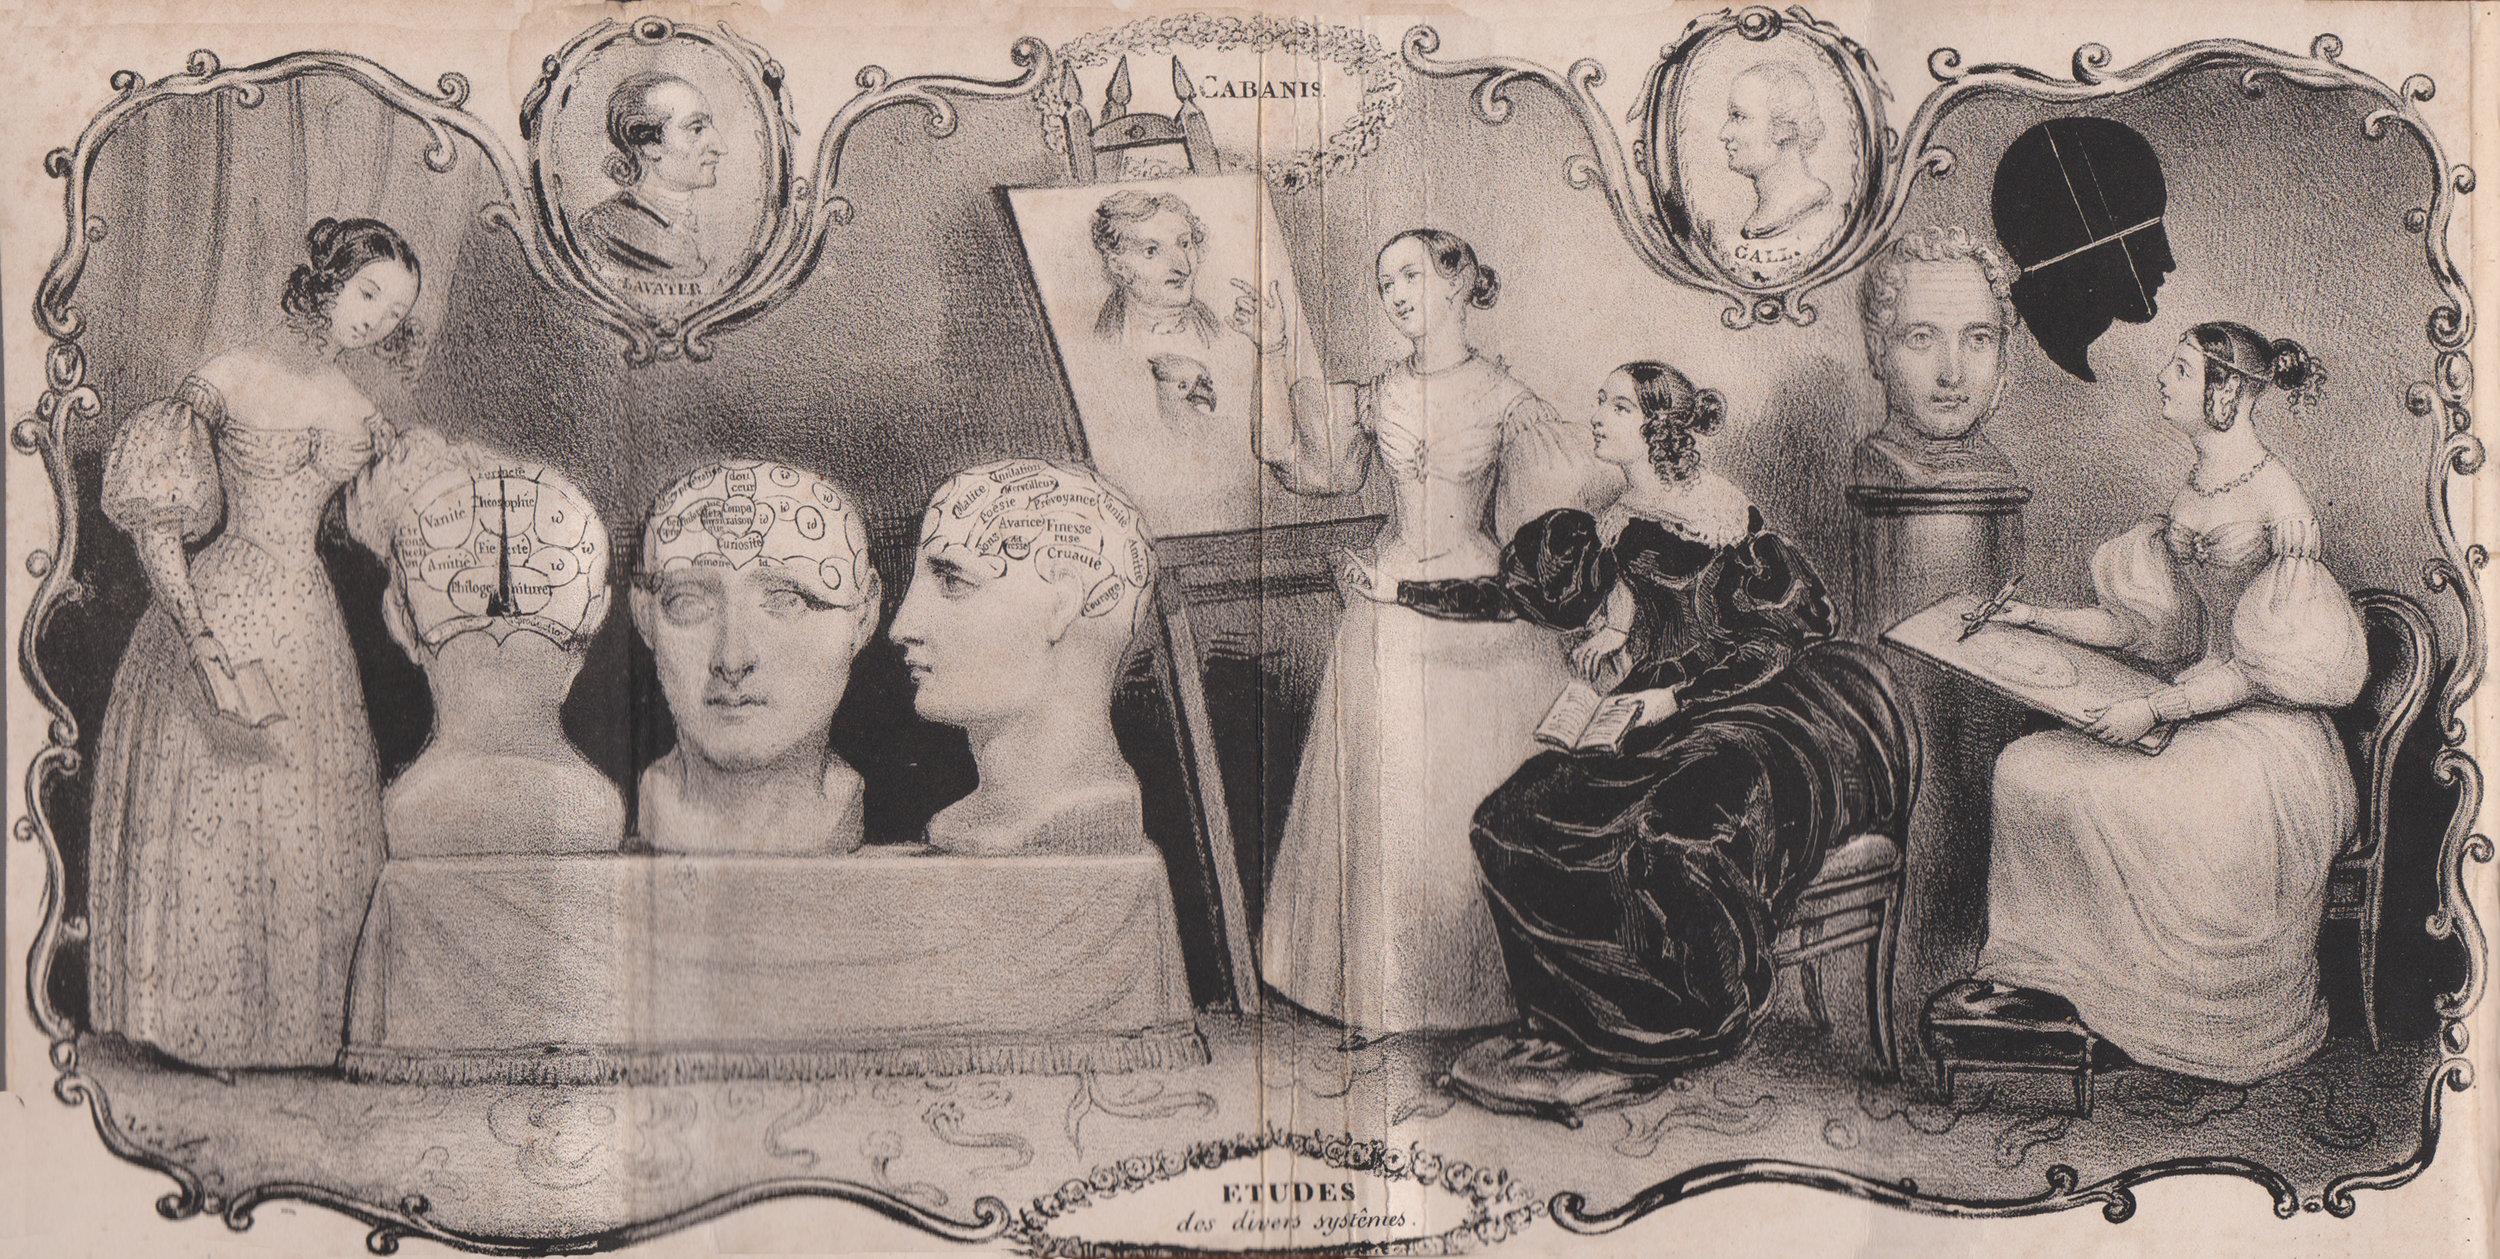 Frontispiece for:  Nouveau Lavater complet, réunion de tous les systèmes pour étudier et juger les hommes et les jeunes gens …etc Paris 1838